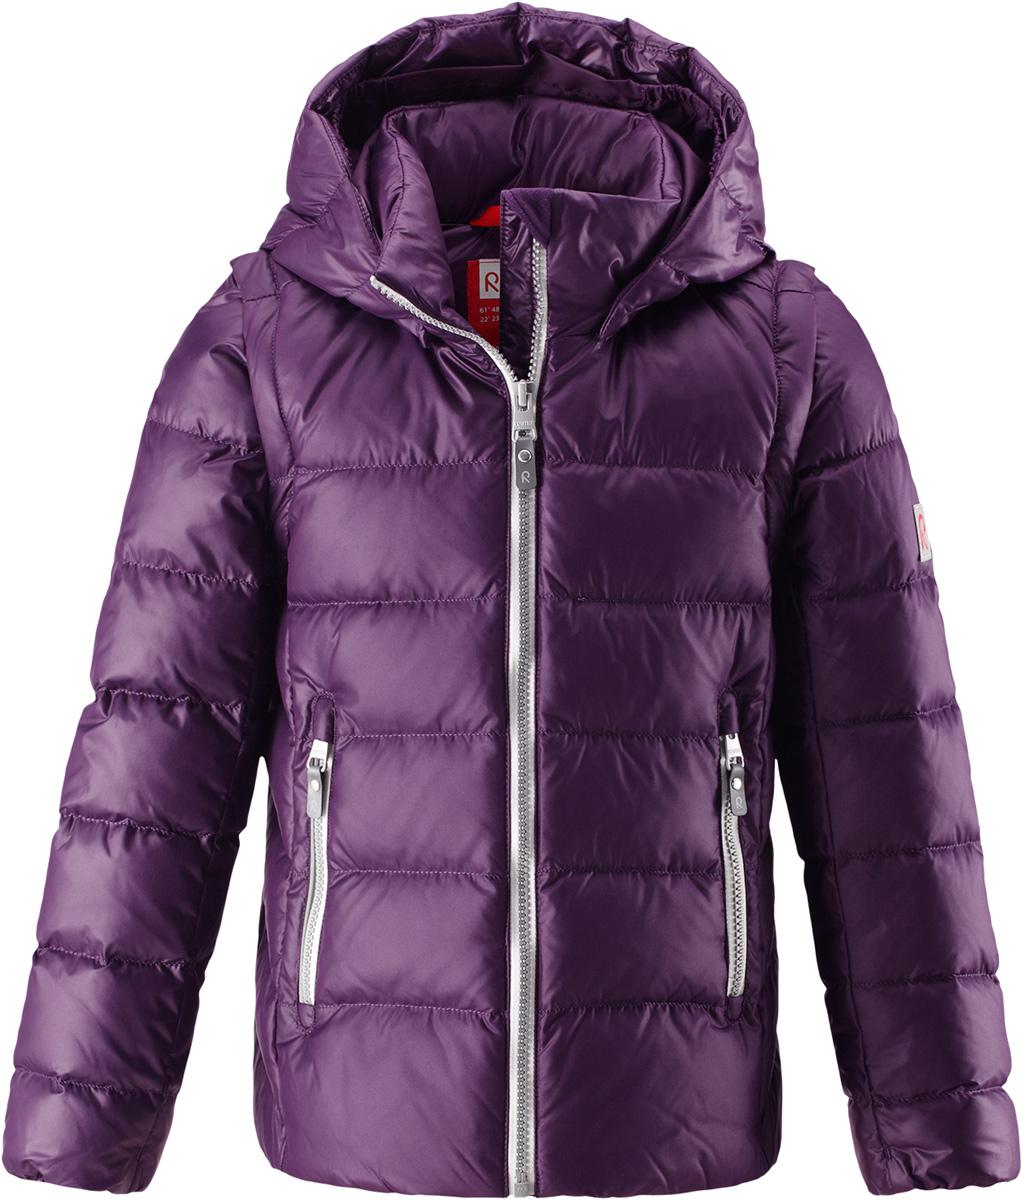 Пуховик для девочки Reima Minna, цвет: лиловый. 5312905930. Размер 1225312905930Очень легкая, но при этом теплая и практичная слегка удлиненная куртка для подростков в одно мгновение превращается в жилетку. Эта практичная куртка снабжена утеплителем из пуха и пера. Куртку с гладкой подкладкой из полиэстера легко надевать и очень удобно носить. В теплую погоду стоит лишь отстегнуть рукава, и куртка превратится в жилетку. Наденьте ее с удобной кофтой, и у вас получится модный и стильный наряд. А когда на улице похолодает, жилетку можно поддевать в качестве промежуточного слоя. Куртка оснащена съемным капюшоном, что обеспечивает дополнительную безопасность во время активных прогулок – капюшон легко отстегивается, если случайно за что-нибудь зацепится. Есть два кармана на молнии для мобильного телефона и других ценных мелочей. Эту модель для девочек довершают практичные детали: длинная молния высокого качества и светоотражающие элементы.Средняя степень утепления.